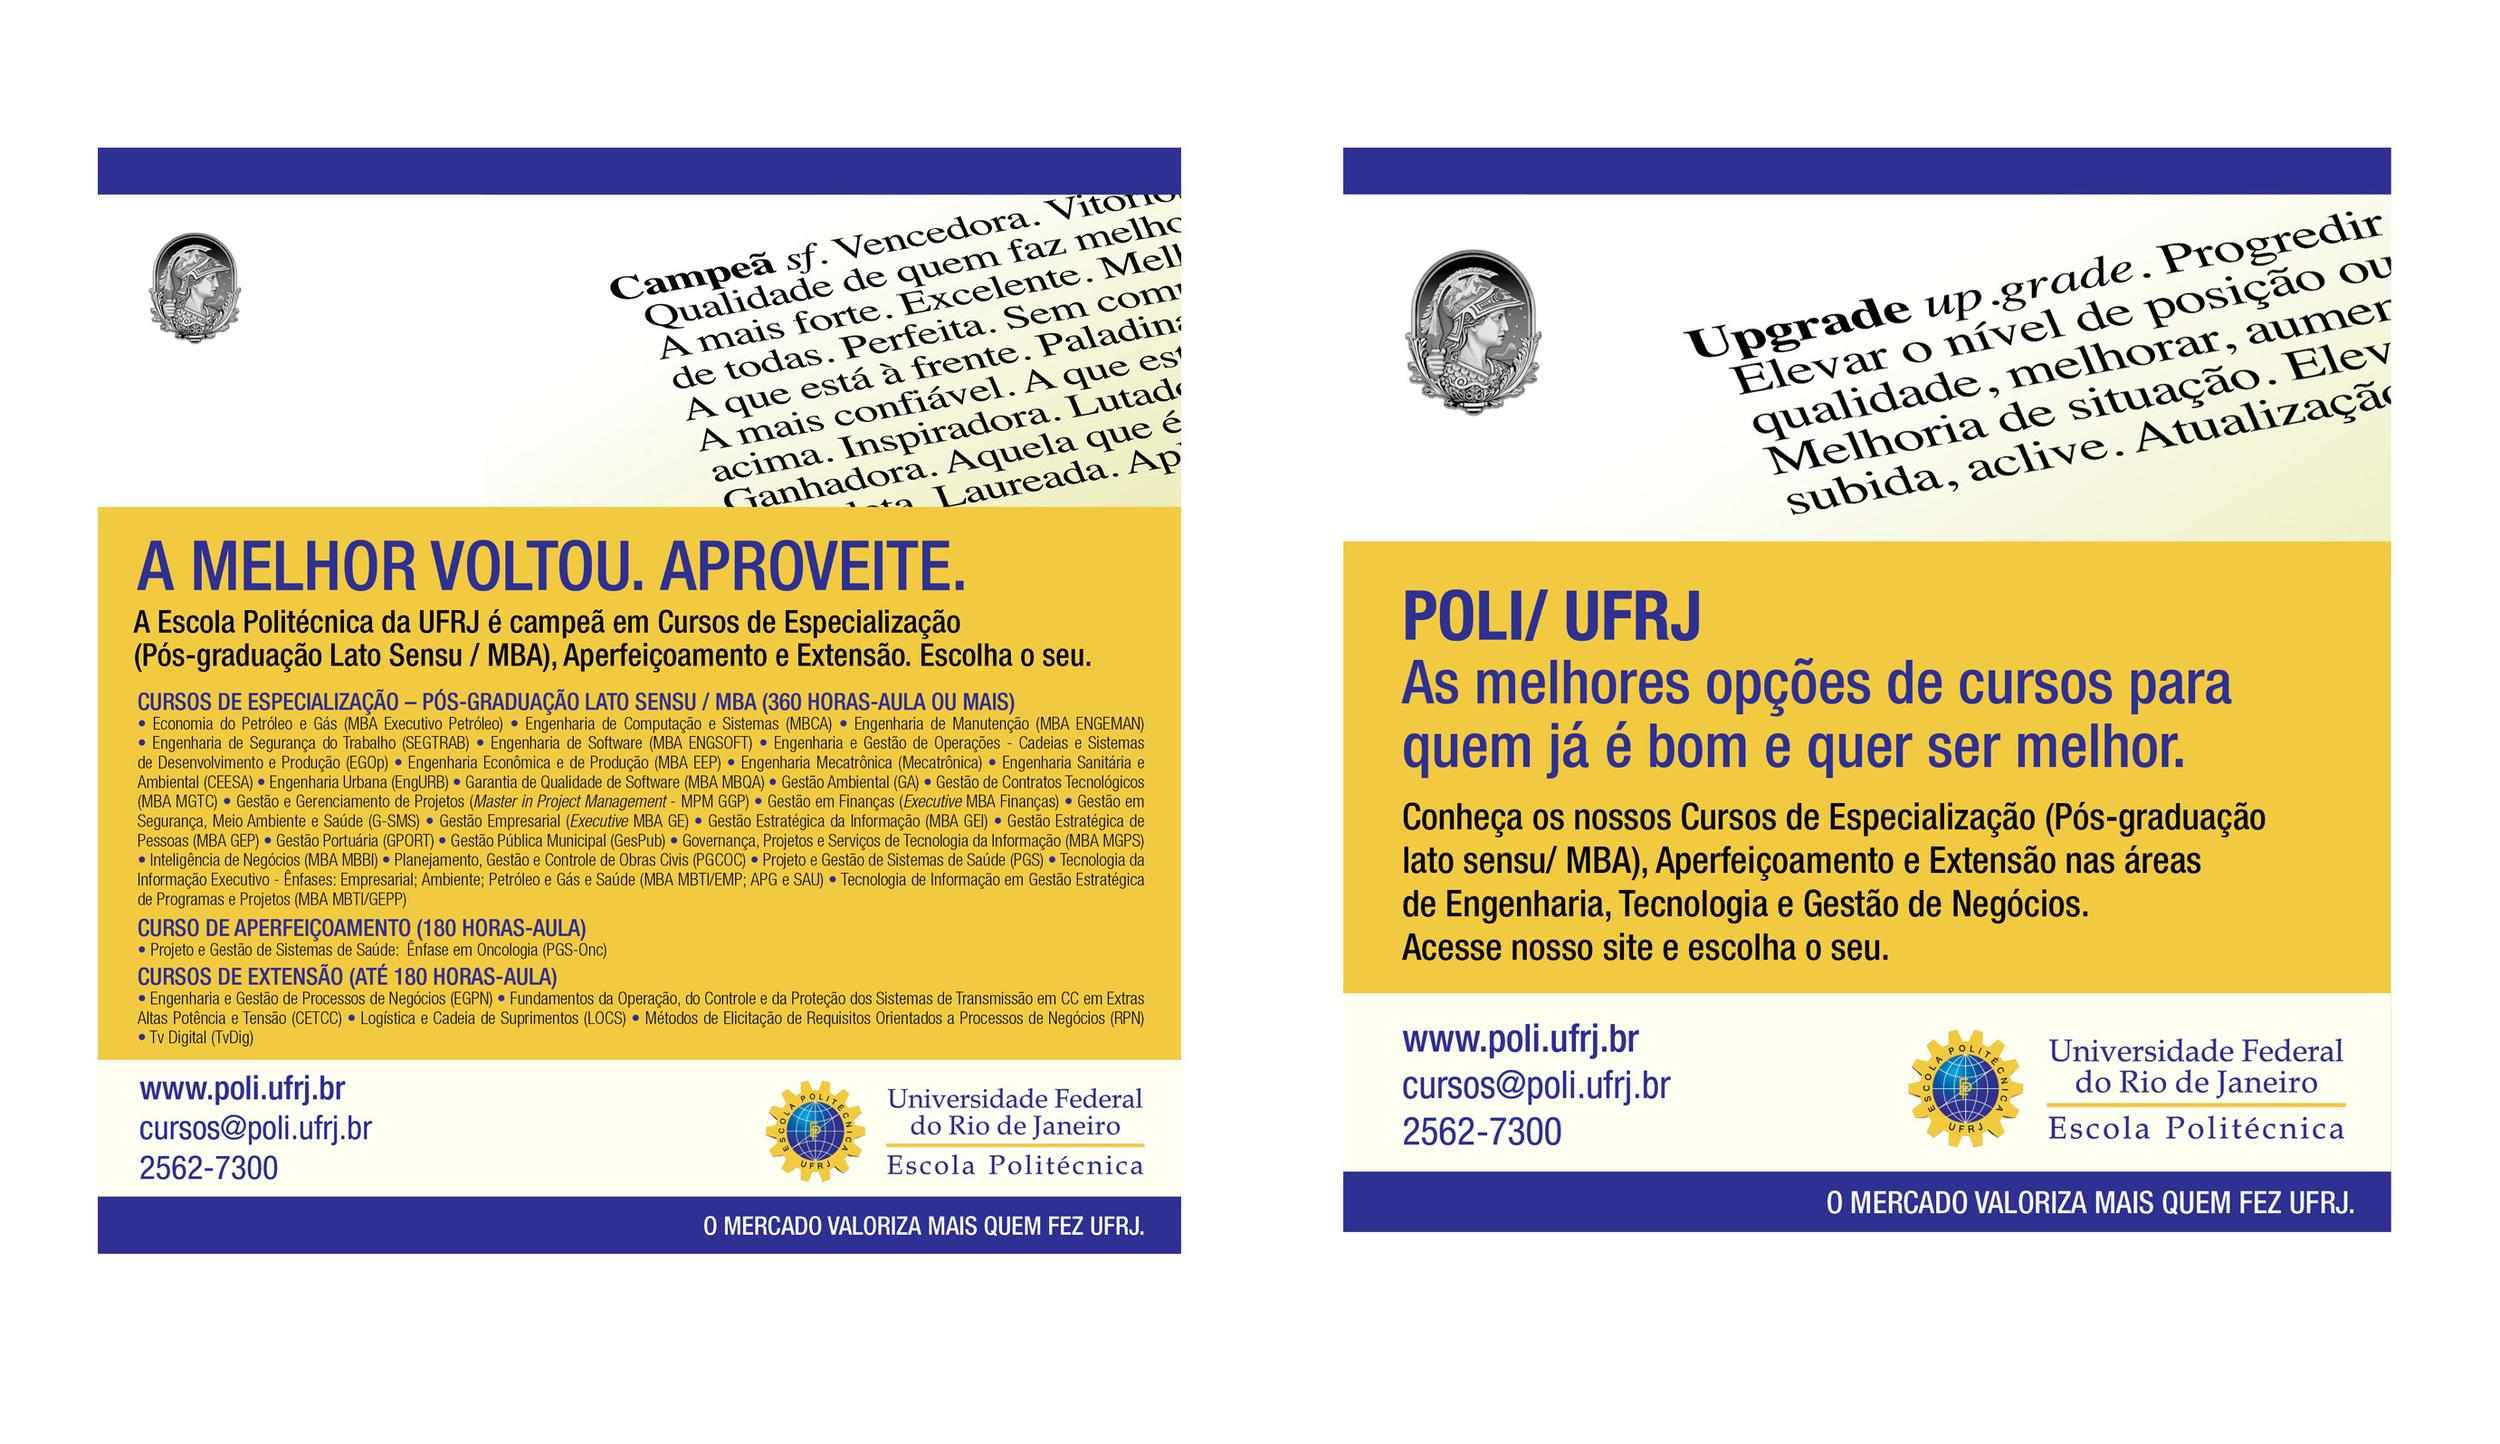 A Escola Politécnica da UFRJ promove seus cursos de pós-graduação no jornal, traseira de ônibus. Também já teve ações promocionais no pedágio da Linha Amarela.